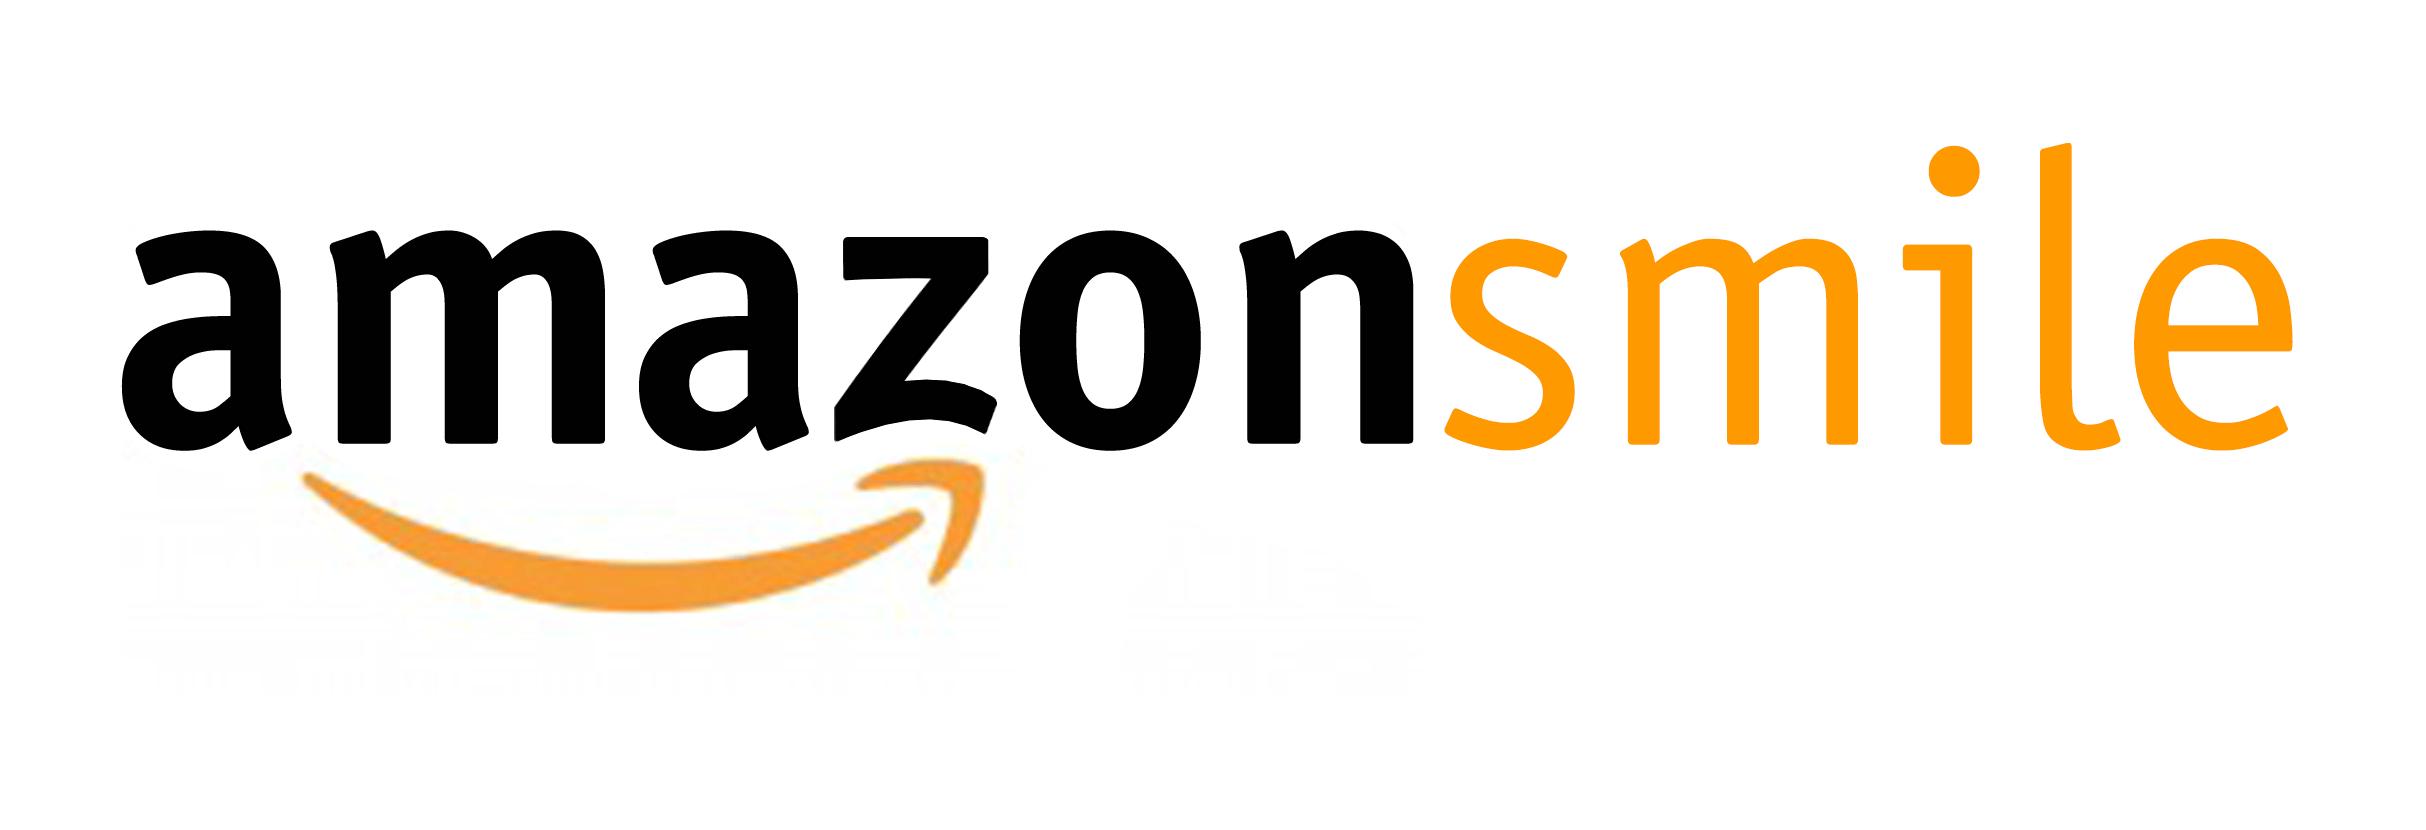 Amazon-Smile-Logo-clickable